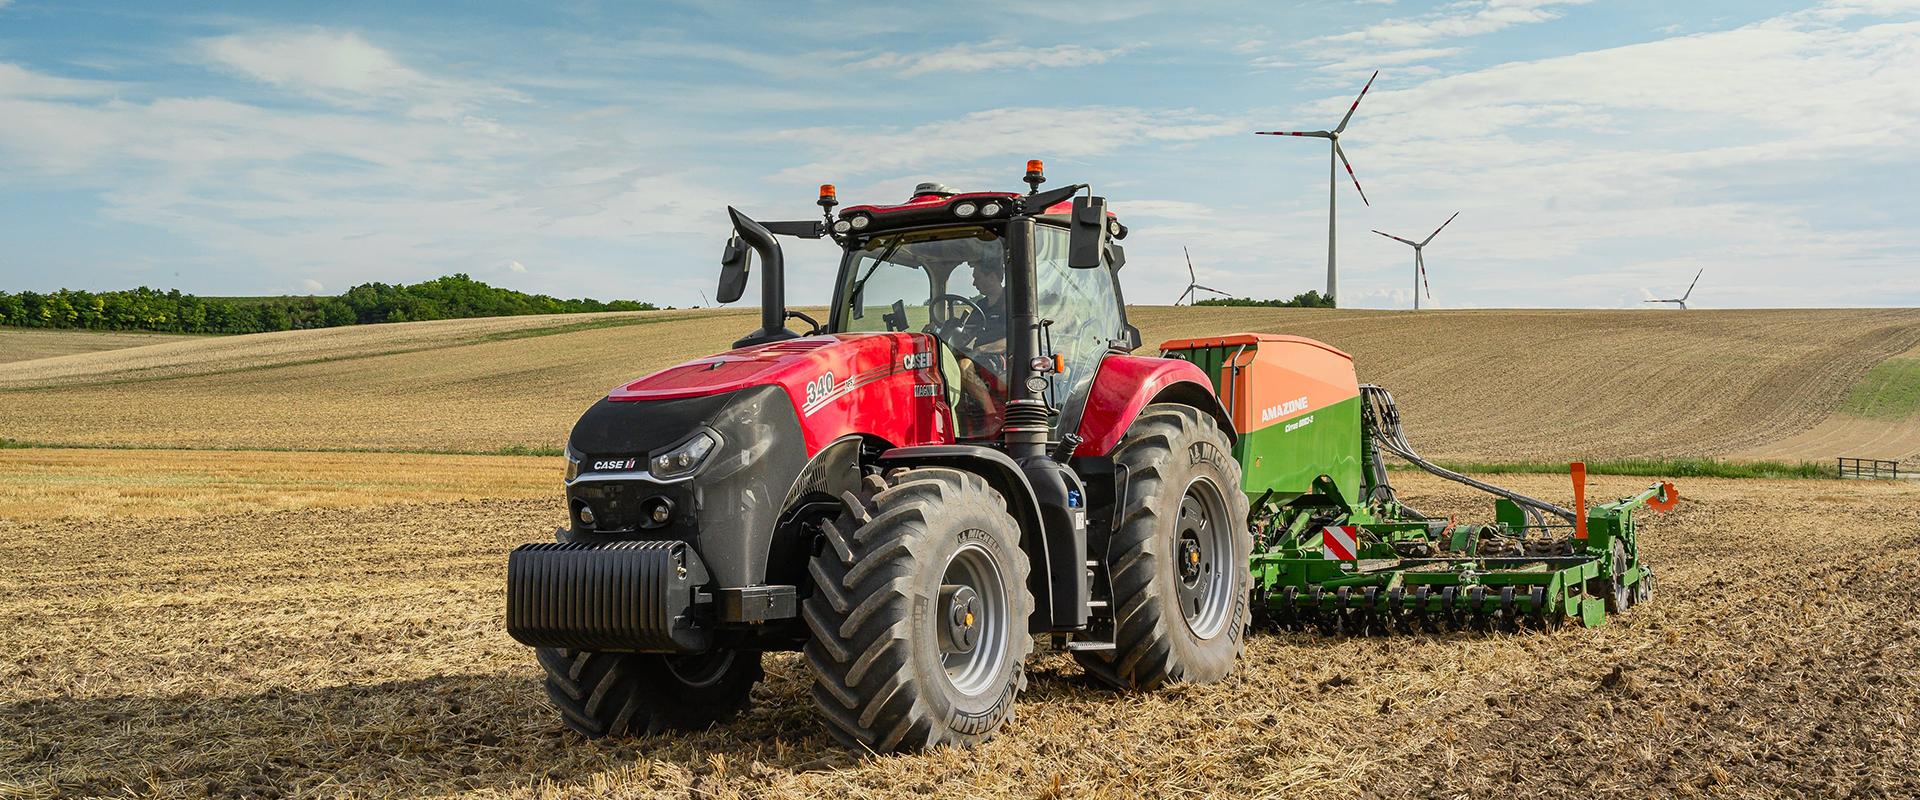 Amazone Case IH tracteur semoir